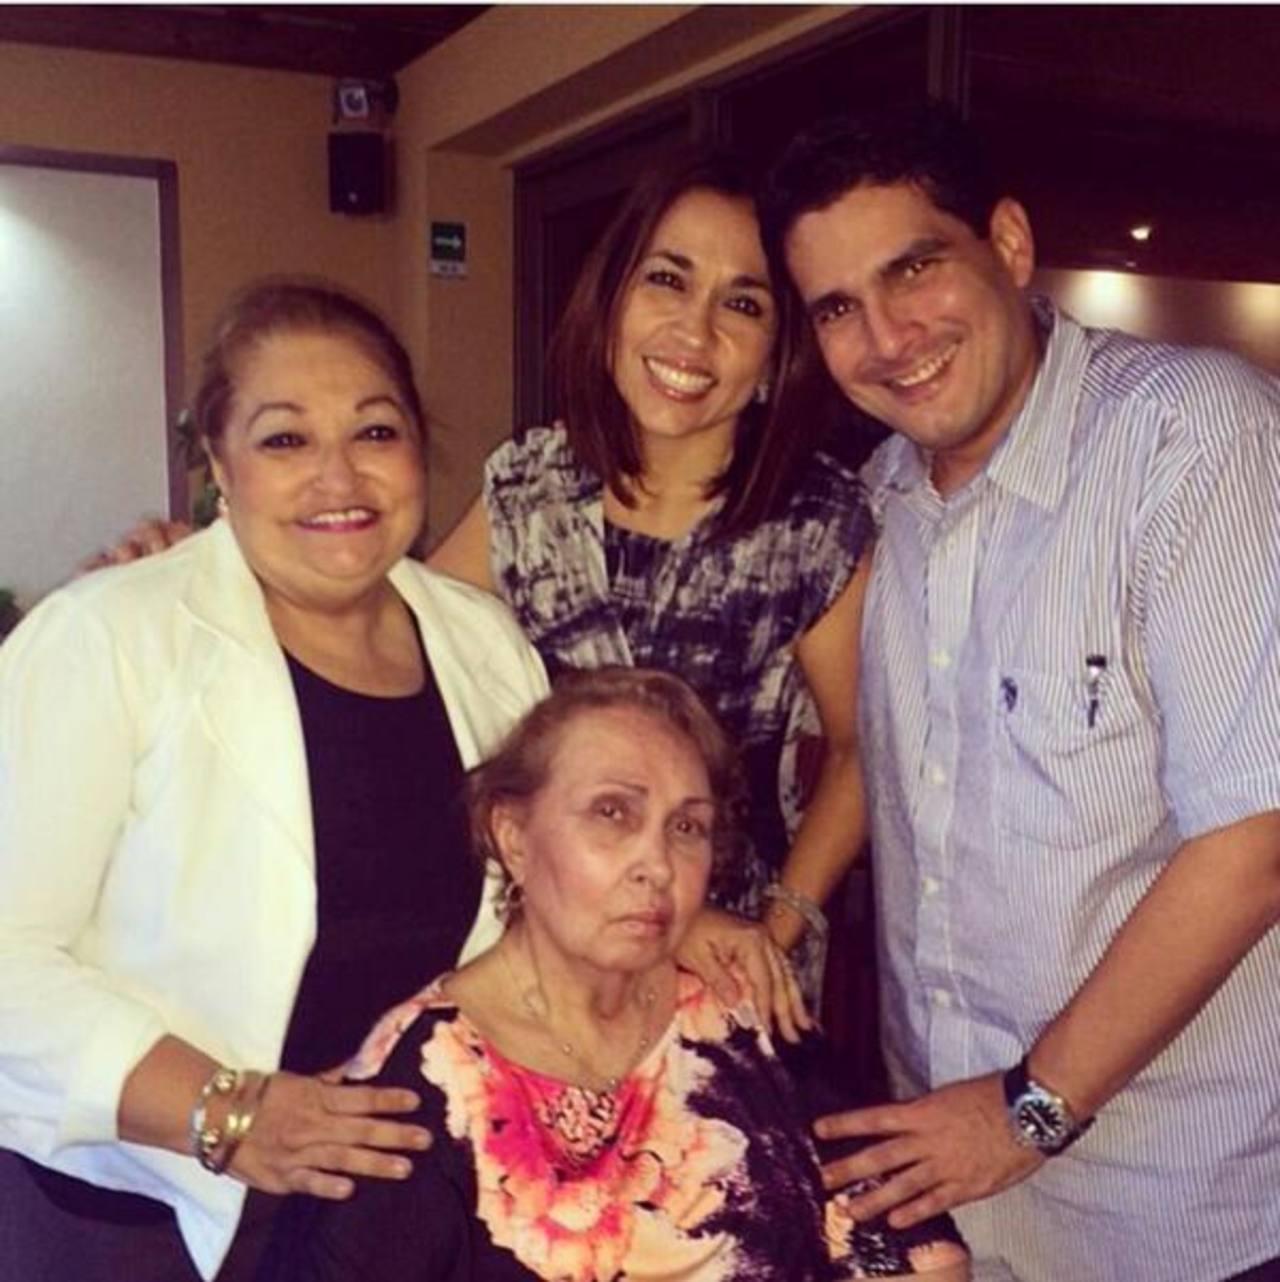 La madre del alcalde de Santa Tecla, Yolanda Munguía, (sentada) murió por causas naturales. Foto EDH /tomada de twitter